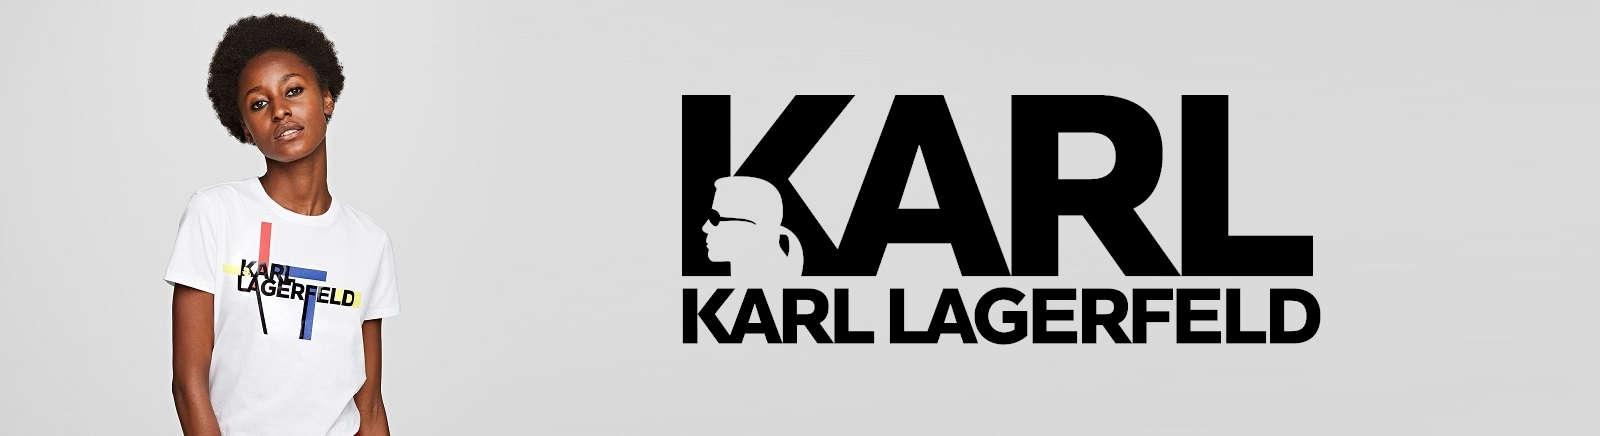 Karl Lagerfeld Markenschuhe online bestellen im Prange Schuhe Shop